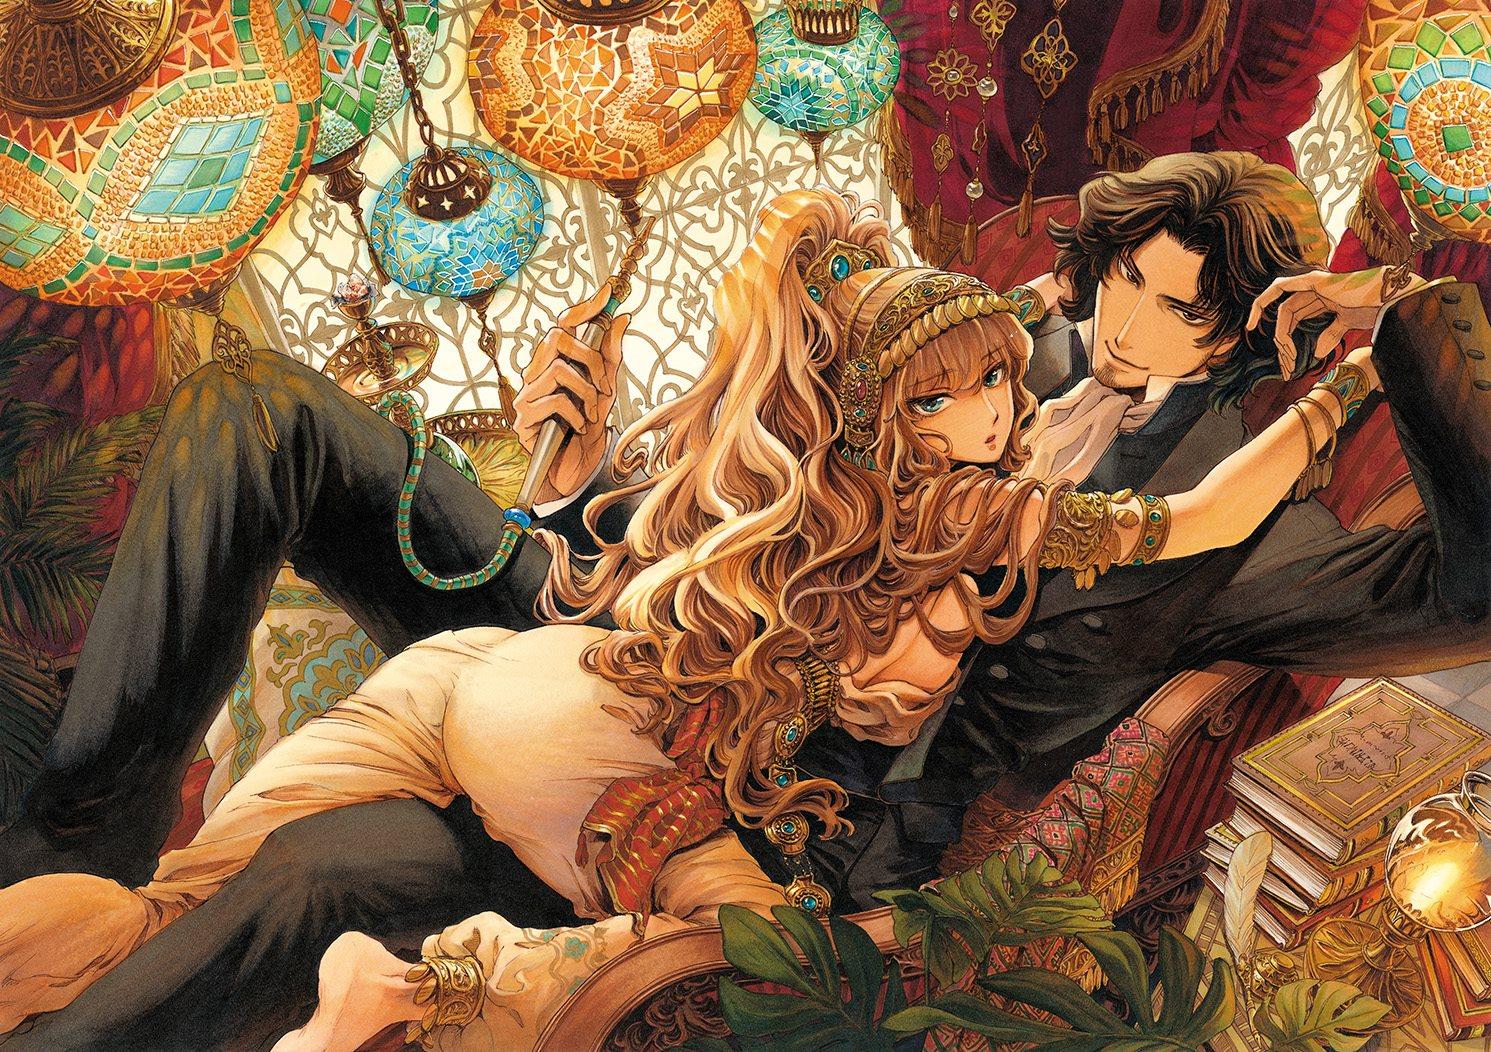 Le manga s'ouvre sur une page couleur extrêmement  suggestive montrant Edmond Dantés en compagnie de son esclave orientale, Haydée dans une  posture suggestive, en total décalage avec l'image que l'on peut avoir d'un conte vieux de deux siècles.